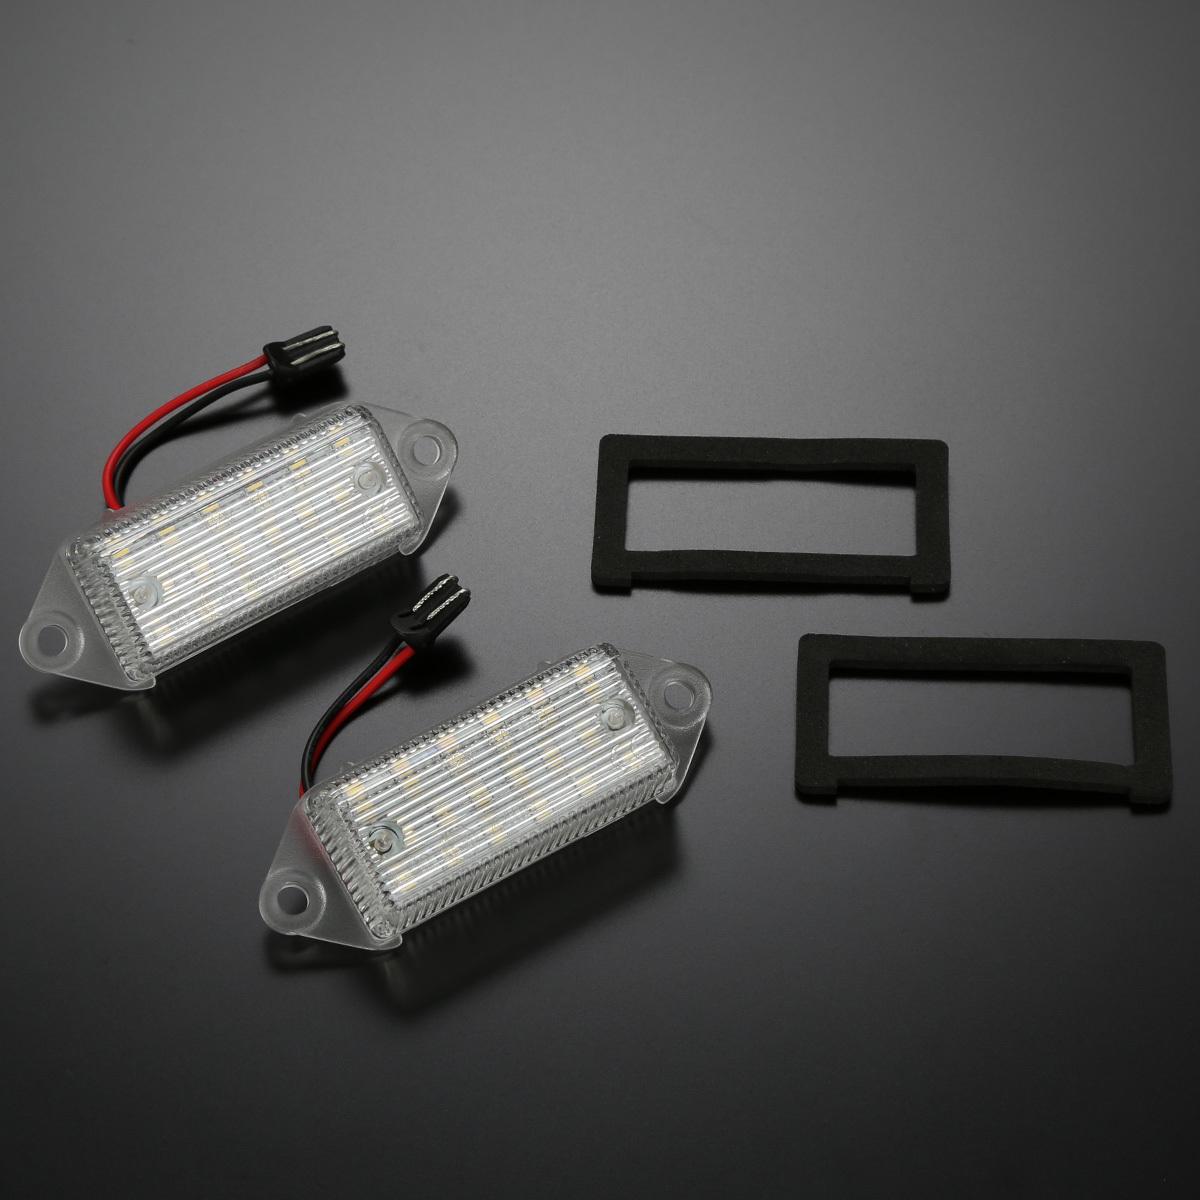 ランサーエボリューション10 CZ4A CY系 ギャラン フォルティス LED ライセンスランプ ナンバー灯 6000K ホワイト ランエボⅩ R-463_画像4